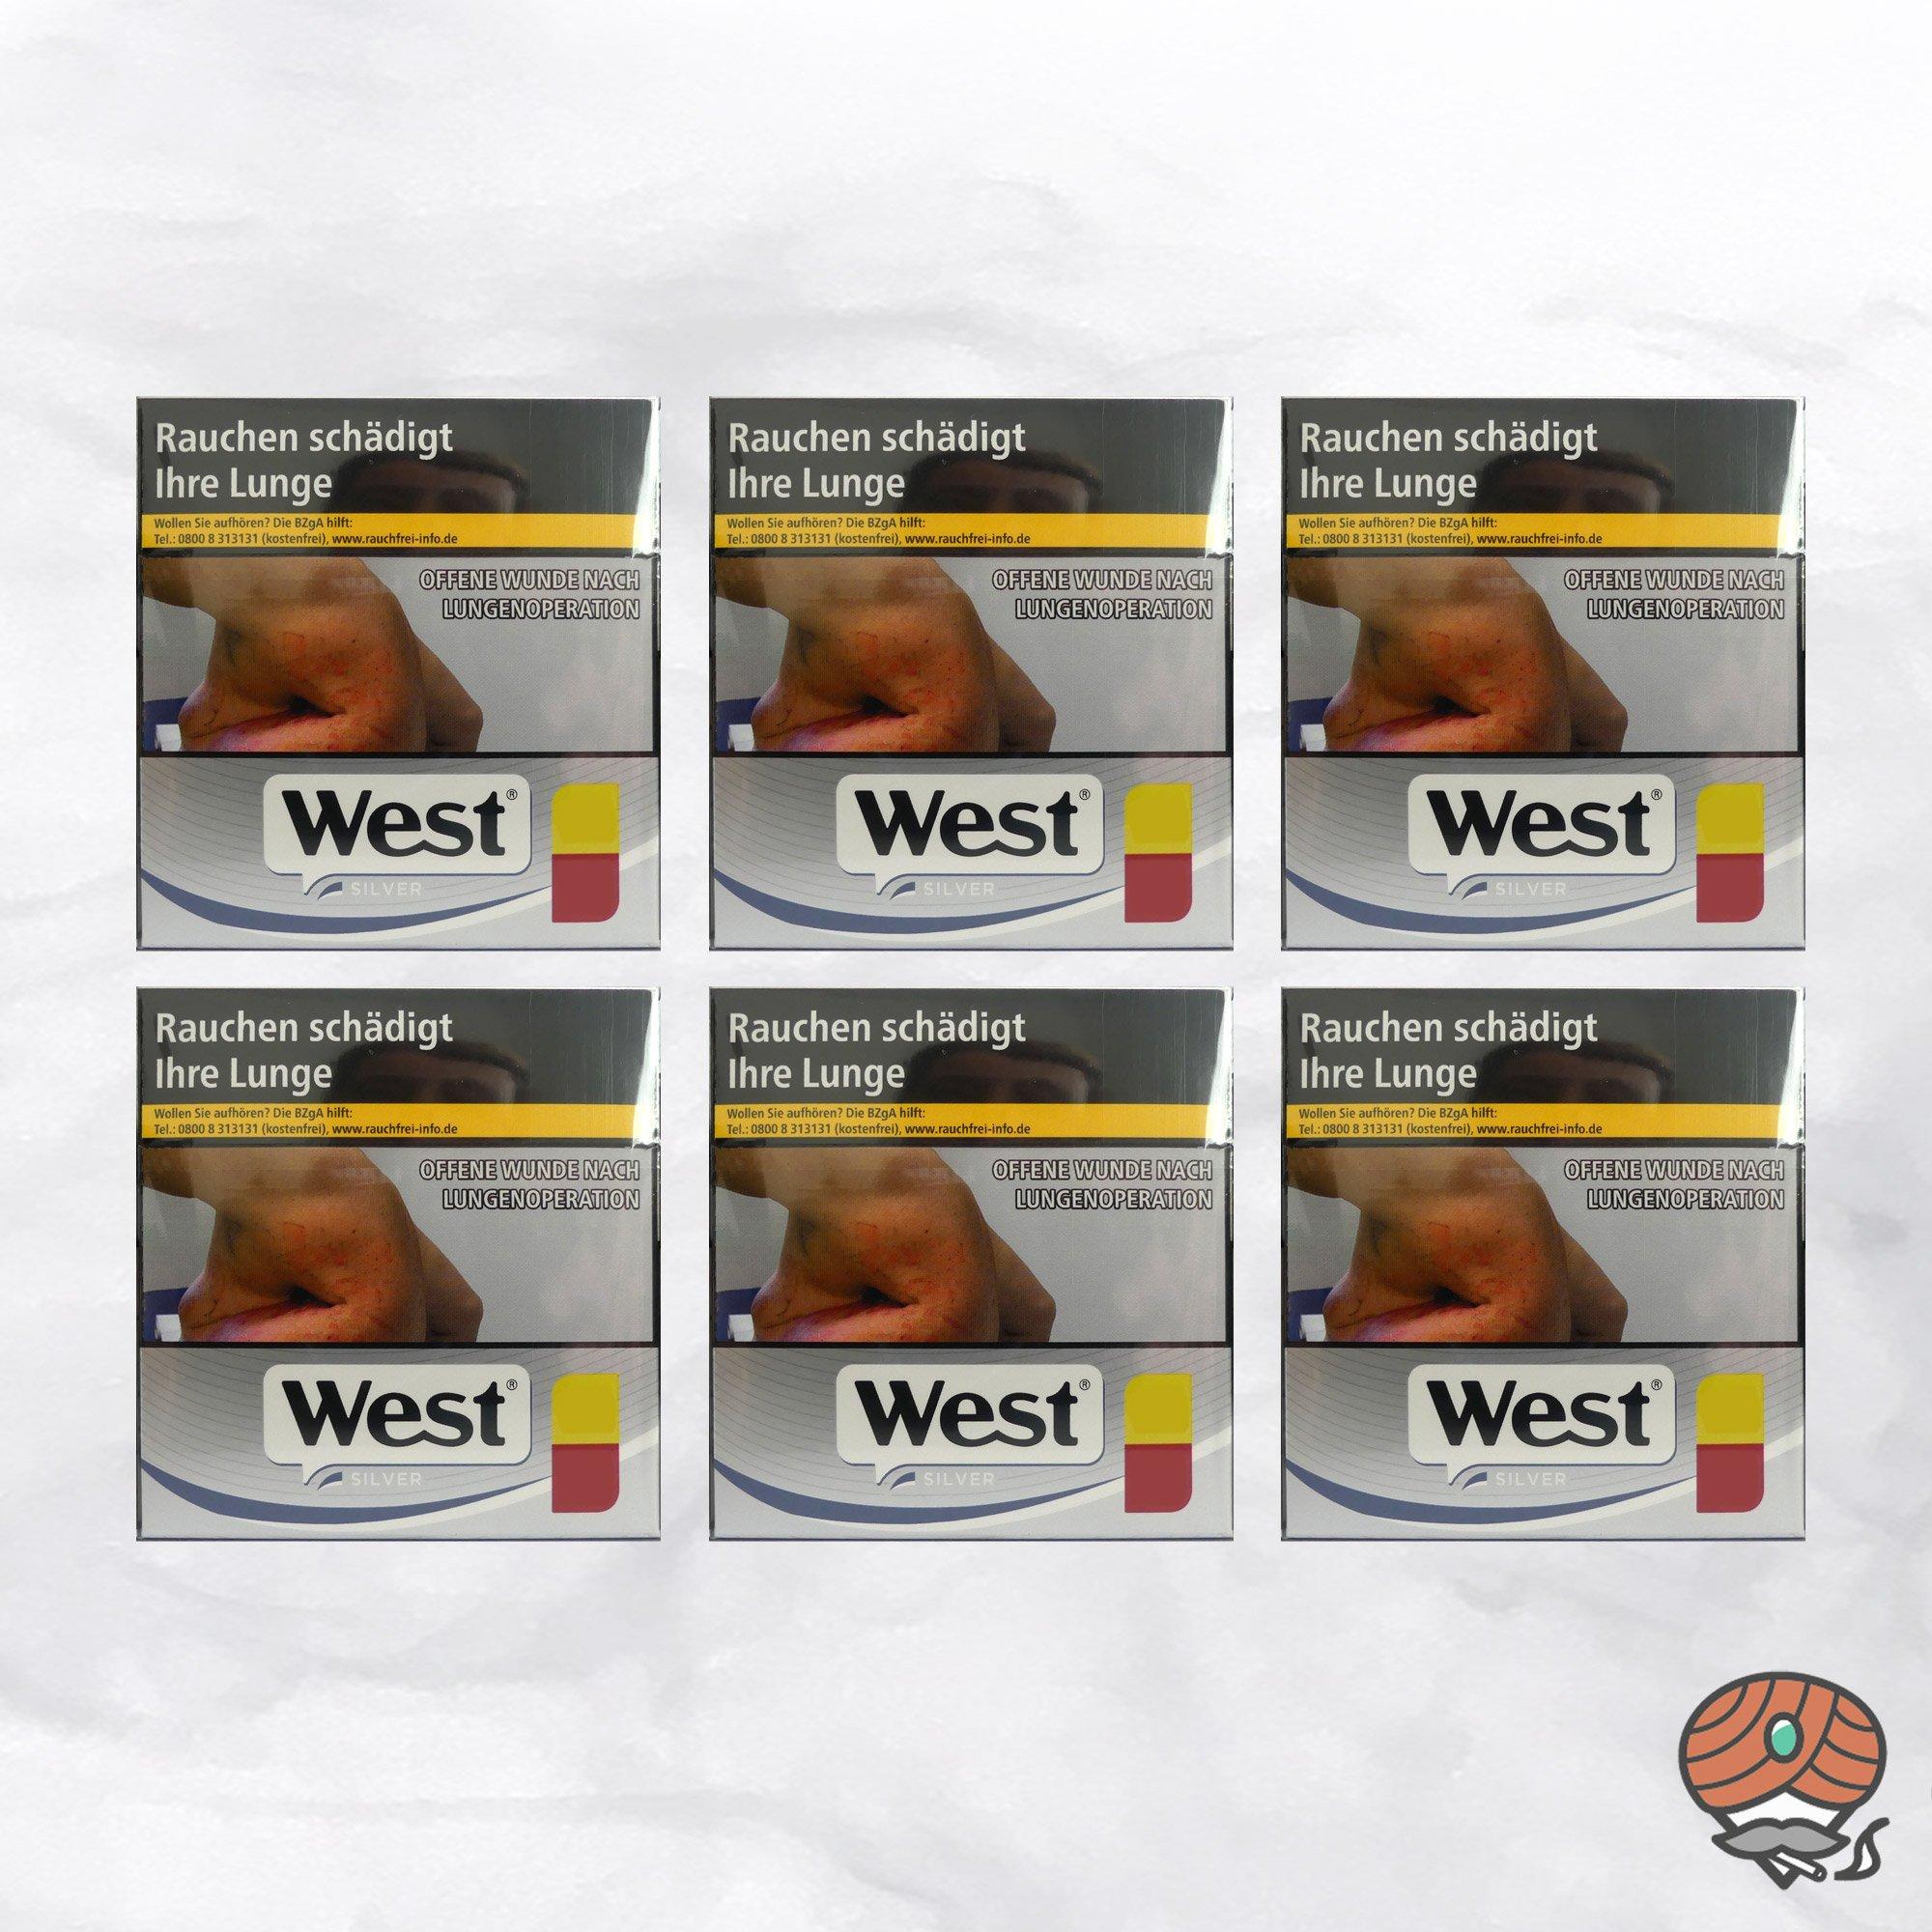 6 x West Silver / Silber Zigaretten à 50 Stück (1 Stange)